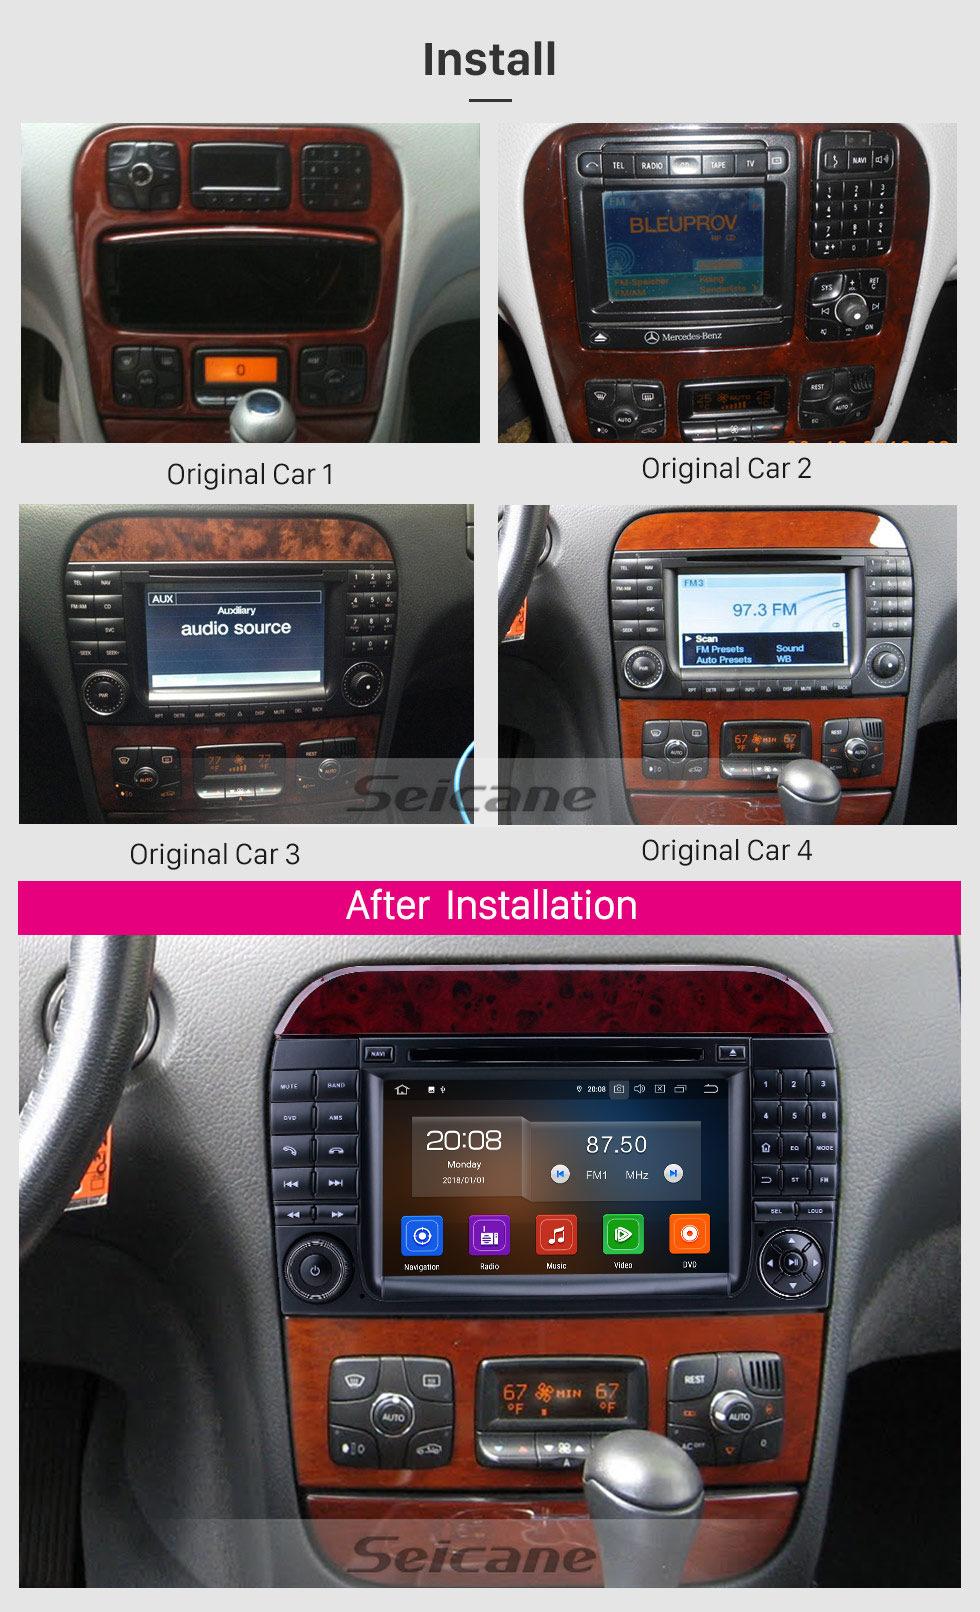 Seicane Android 10.0 1998-2005 Mercedes Benz S Class W220 / S280 / S320 / S320 CDI / S400 CDI / S350 / S430 / S500 / S600 / S55 AMG / S63 AMG / S65 AMG Radio de navegación GPS con pantalla táctil HD de 7 pulgadas con Carplay Soporte Bluetooth Bluetooth DVR